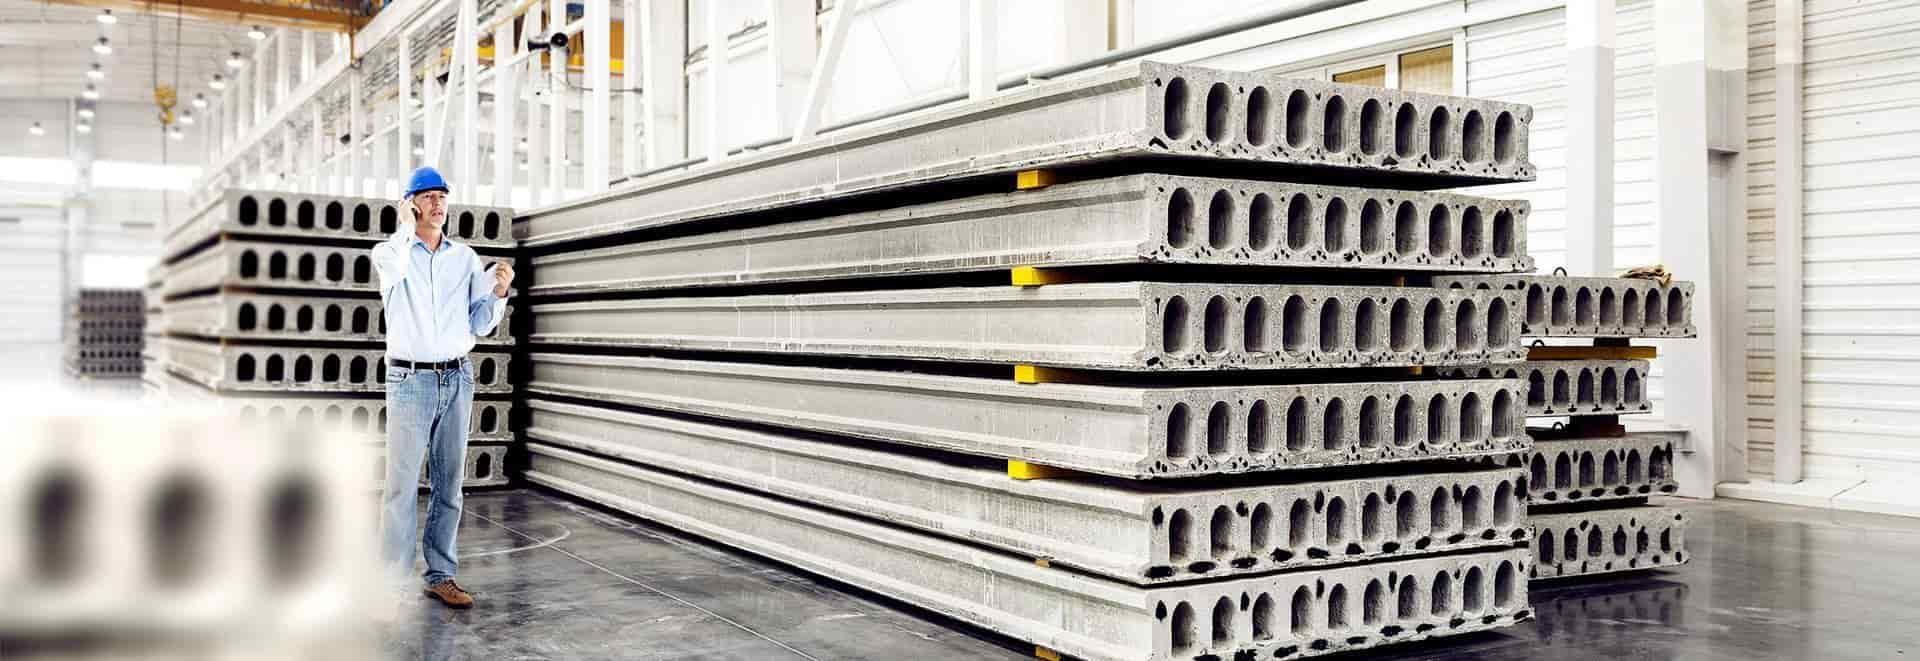 Сталь бетон завод жби заказать миксер с бетоном в брянске